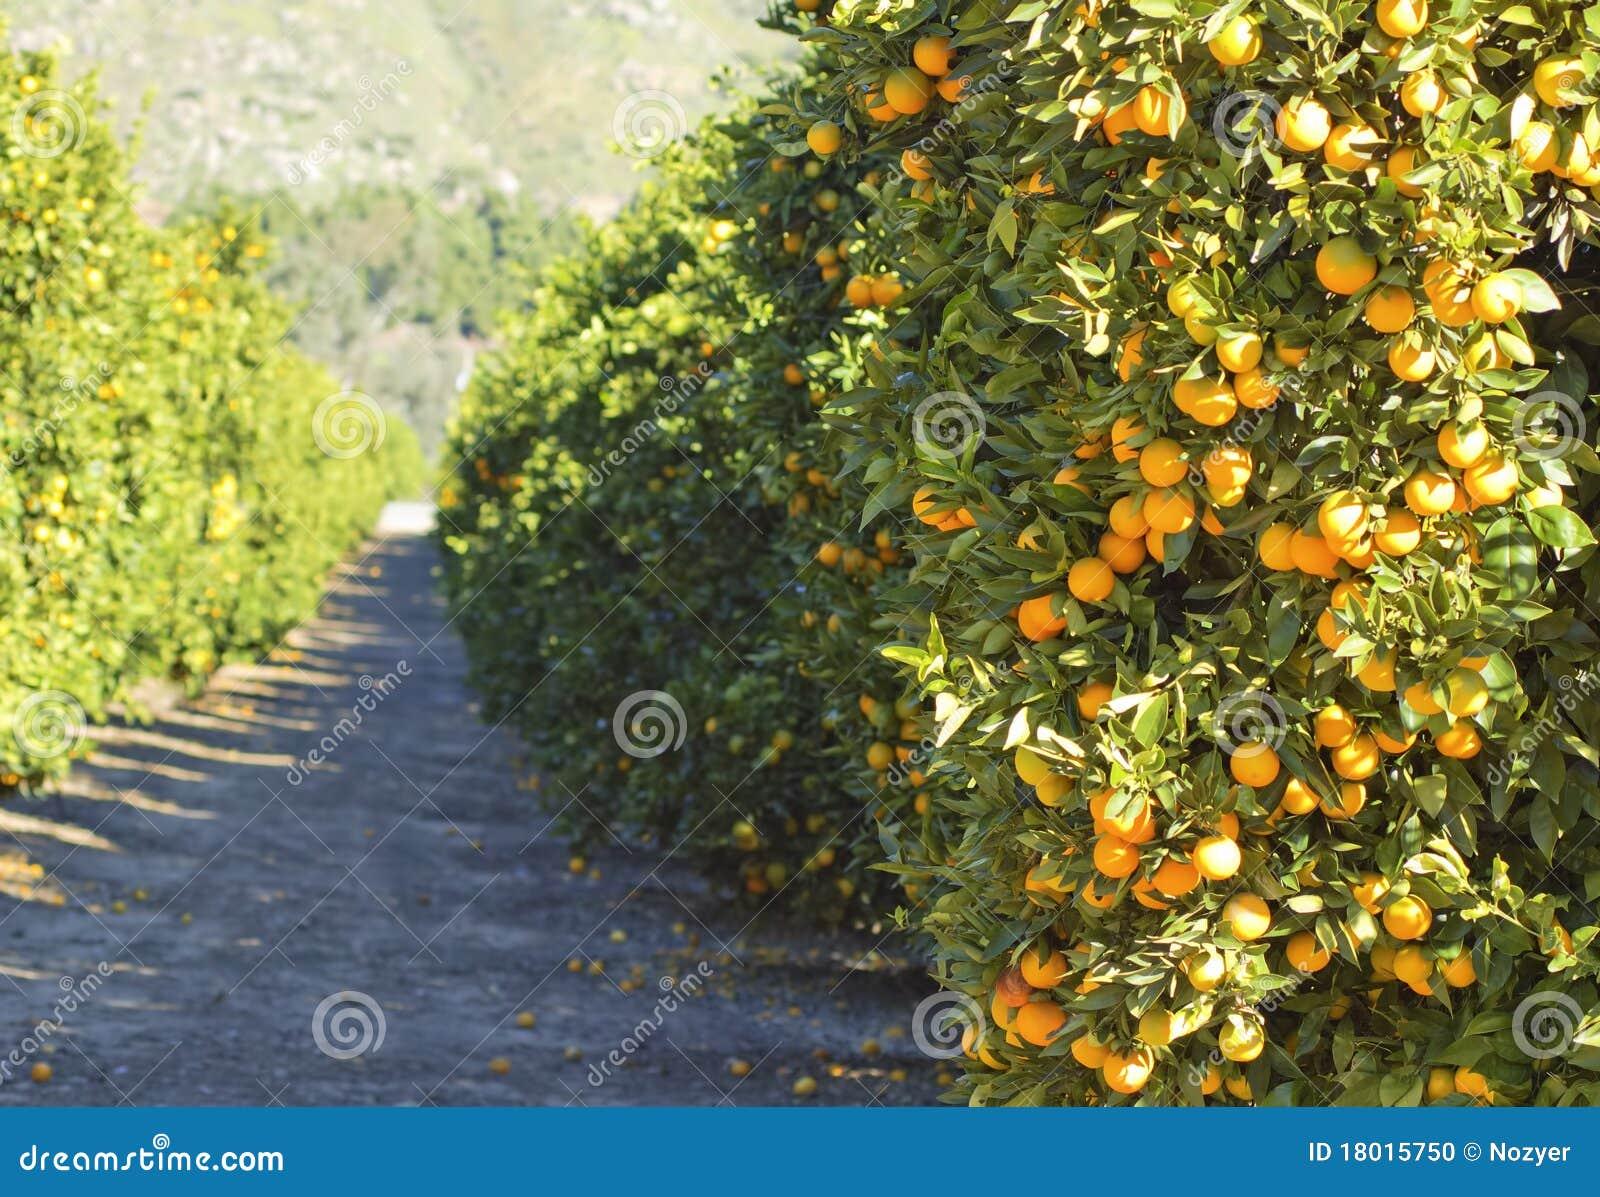 Bomen In Tuin : Oranje bomen in tuin stock foto. afbeelding bestaande uit gras